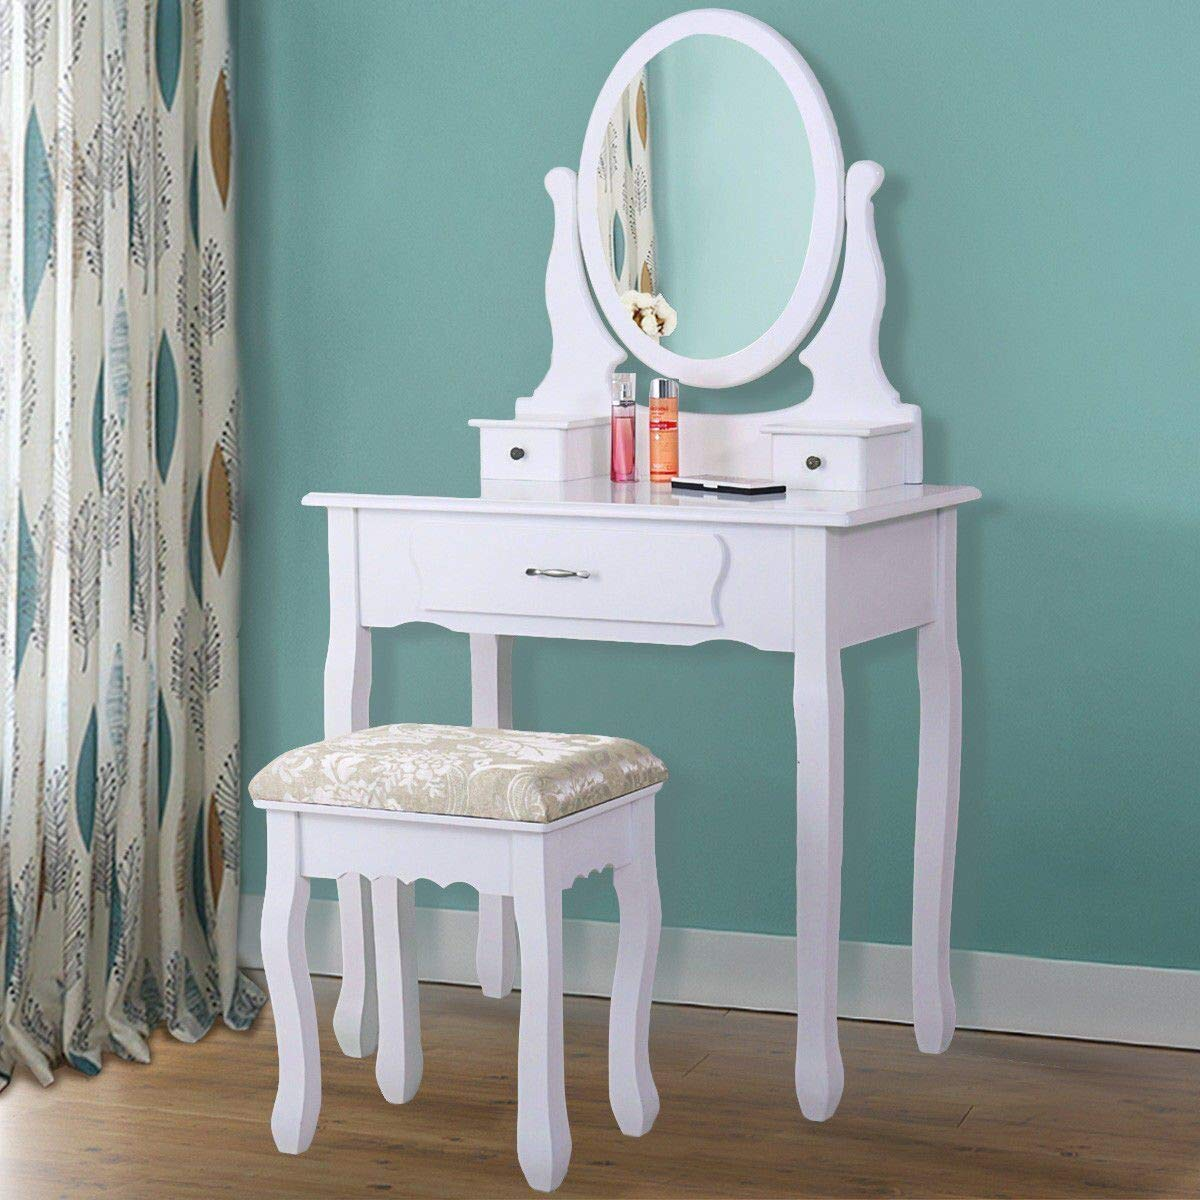 Joolihome Bois Coiffeuse 3tiroirs Miroir ovale pour chambre à coucher Morden Style Blanc 9202G blanc